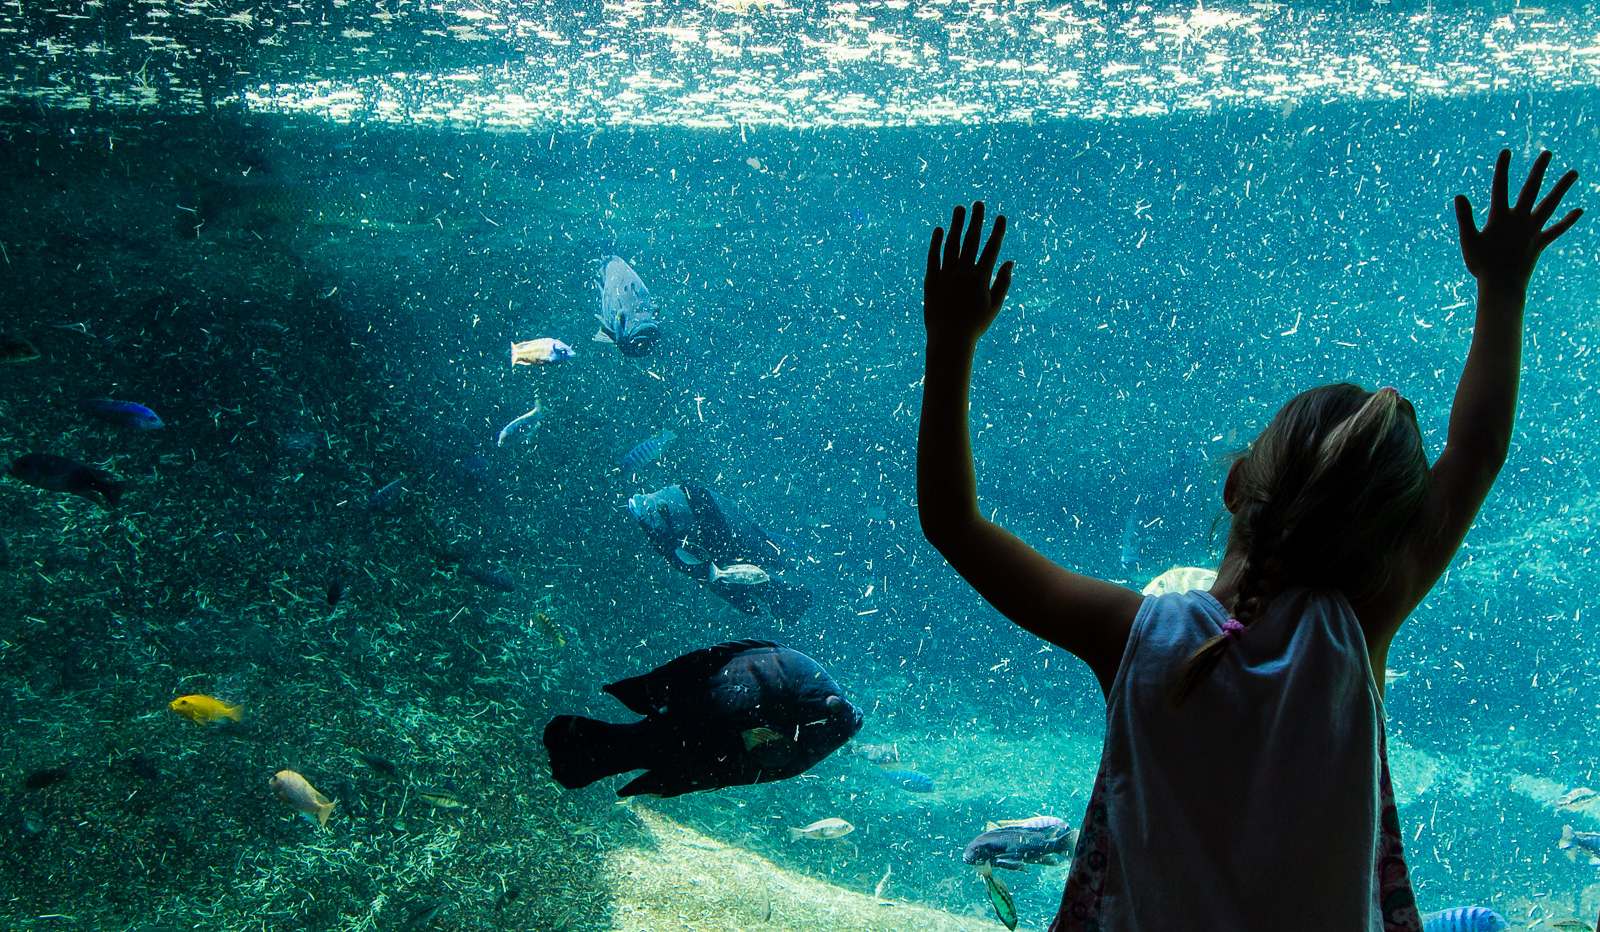 Fish at the San Antonio Zoo